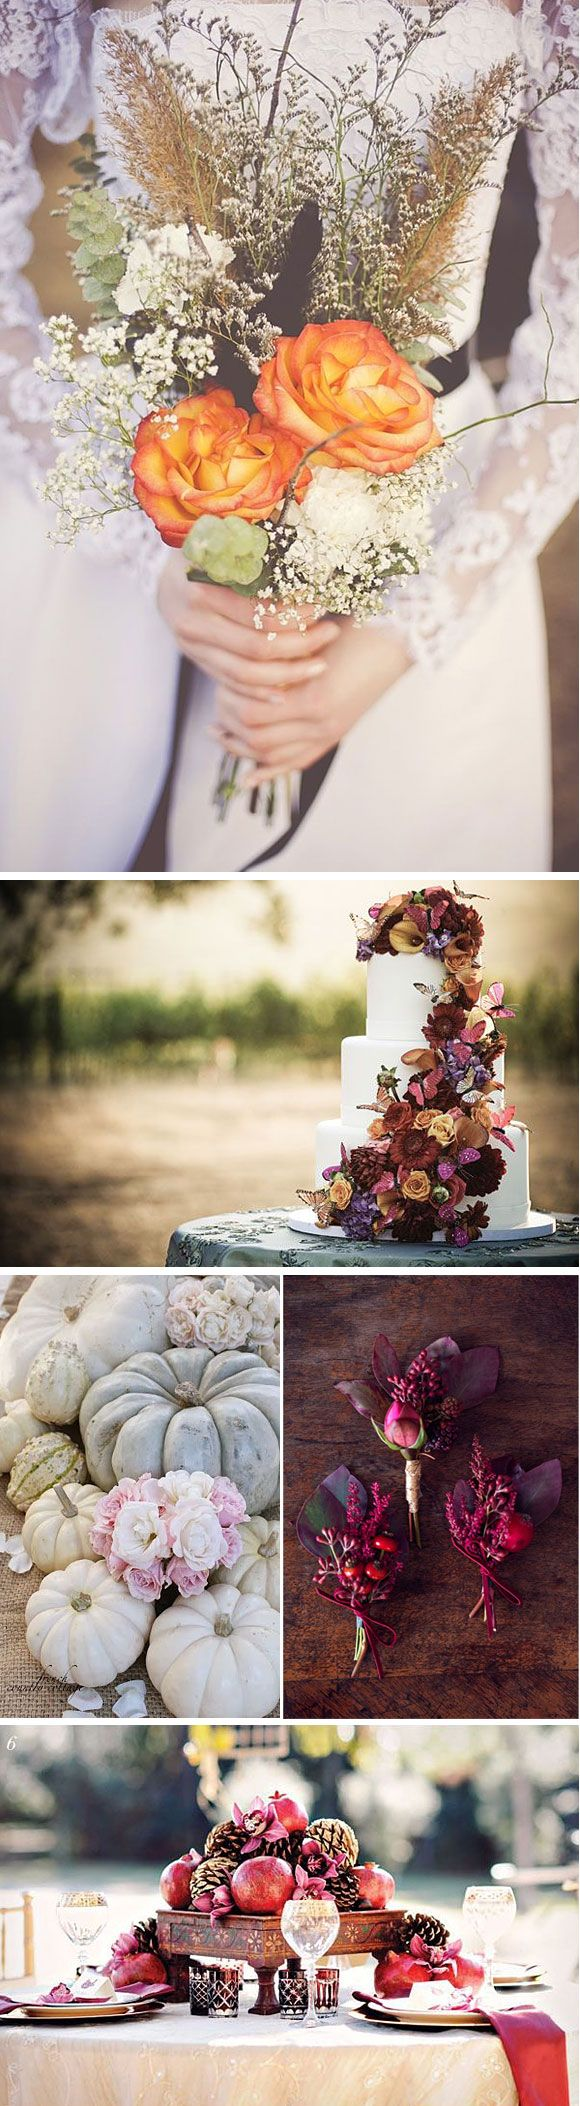 Bodas en otoño- ideas para decorar bodas en otoño